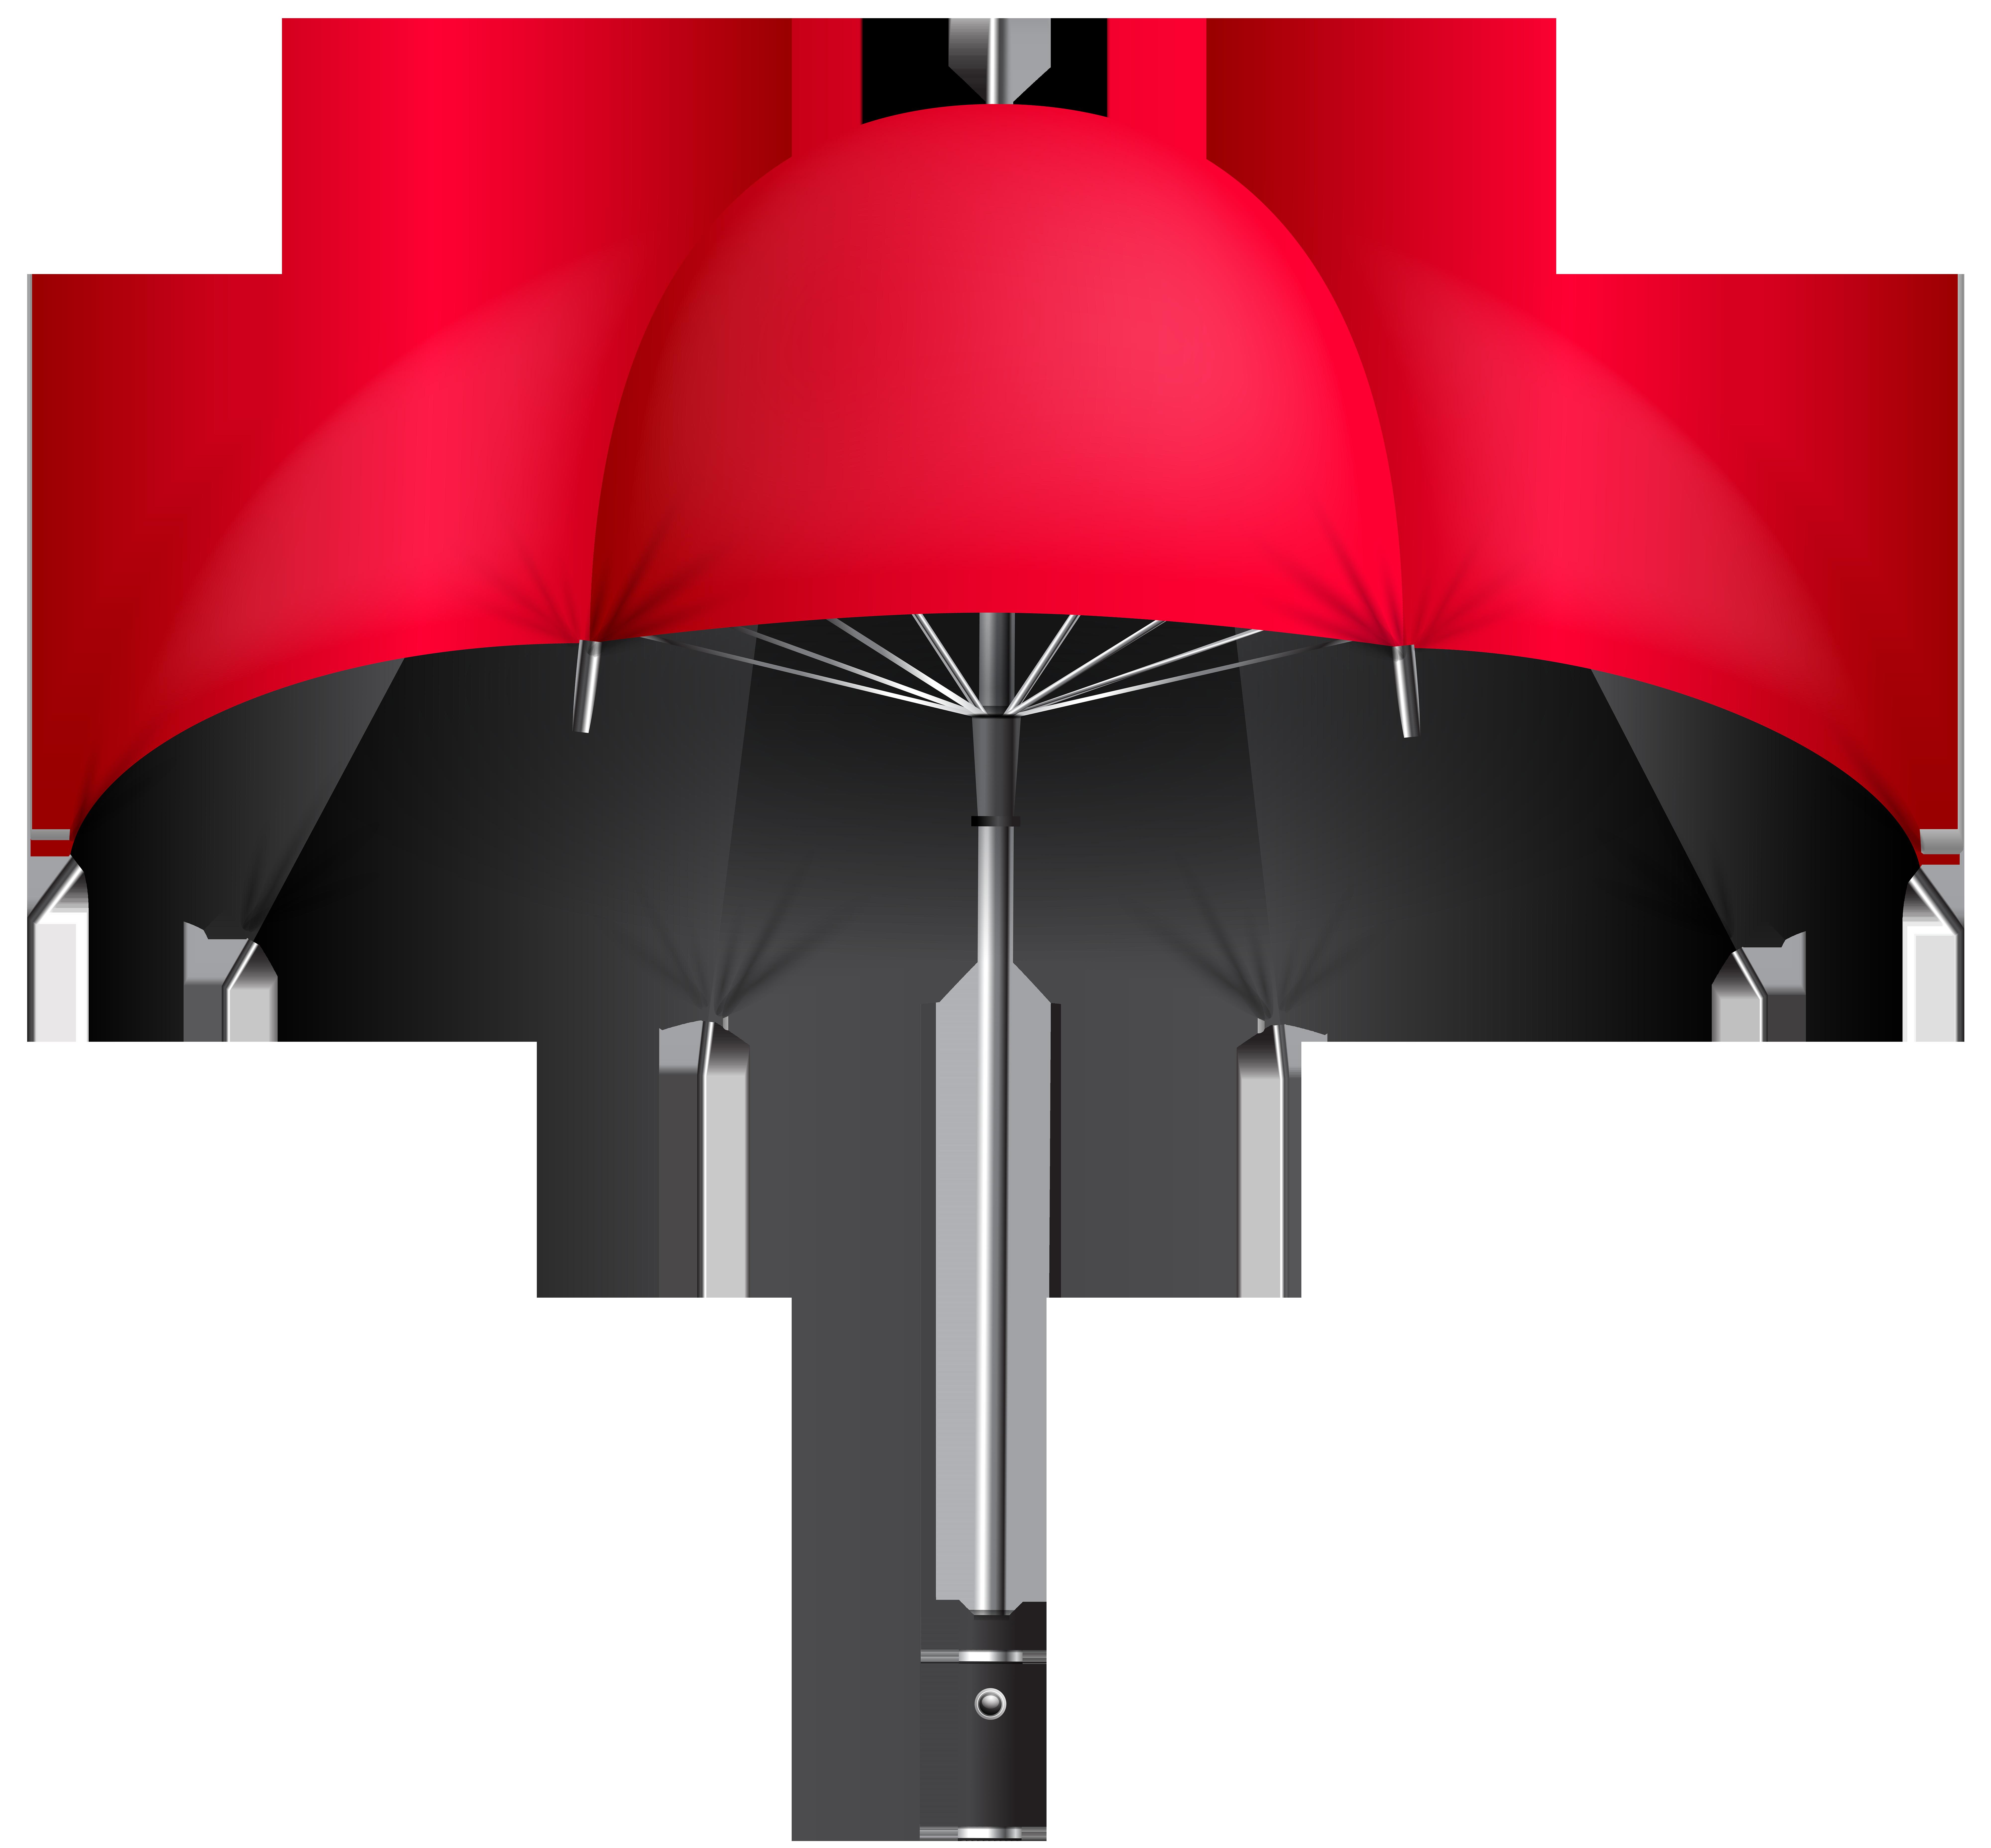 8000x7424 Red Umbrella Transparent Png Clip Art Imageu200b Gallery